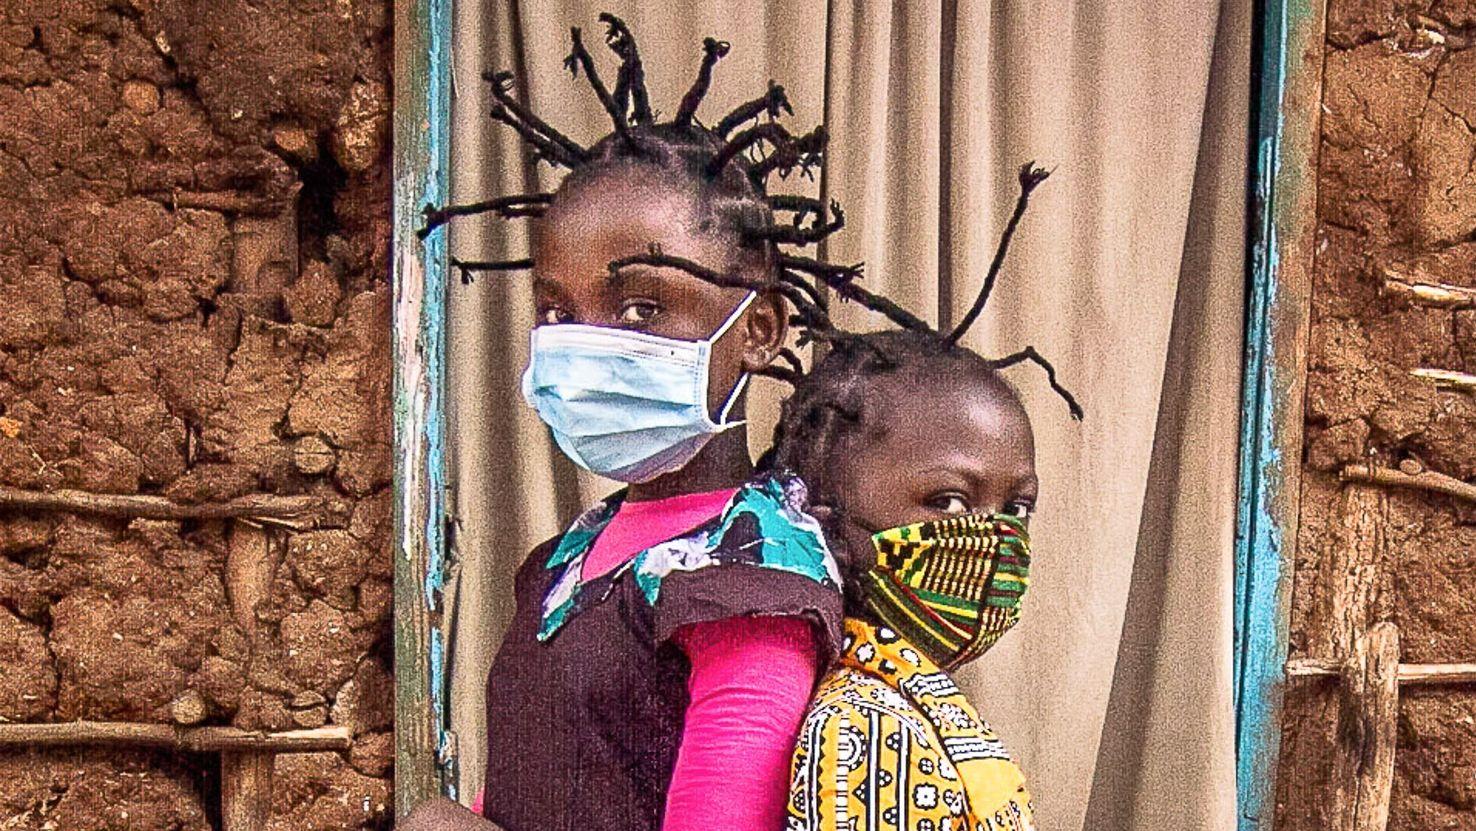 Koronavírus-frizurát viselő gyerekek Nairobiban